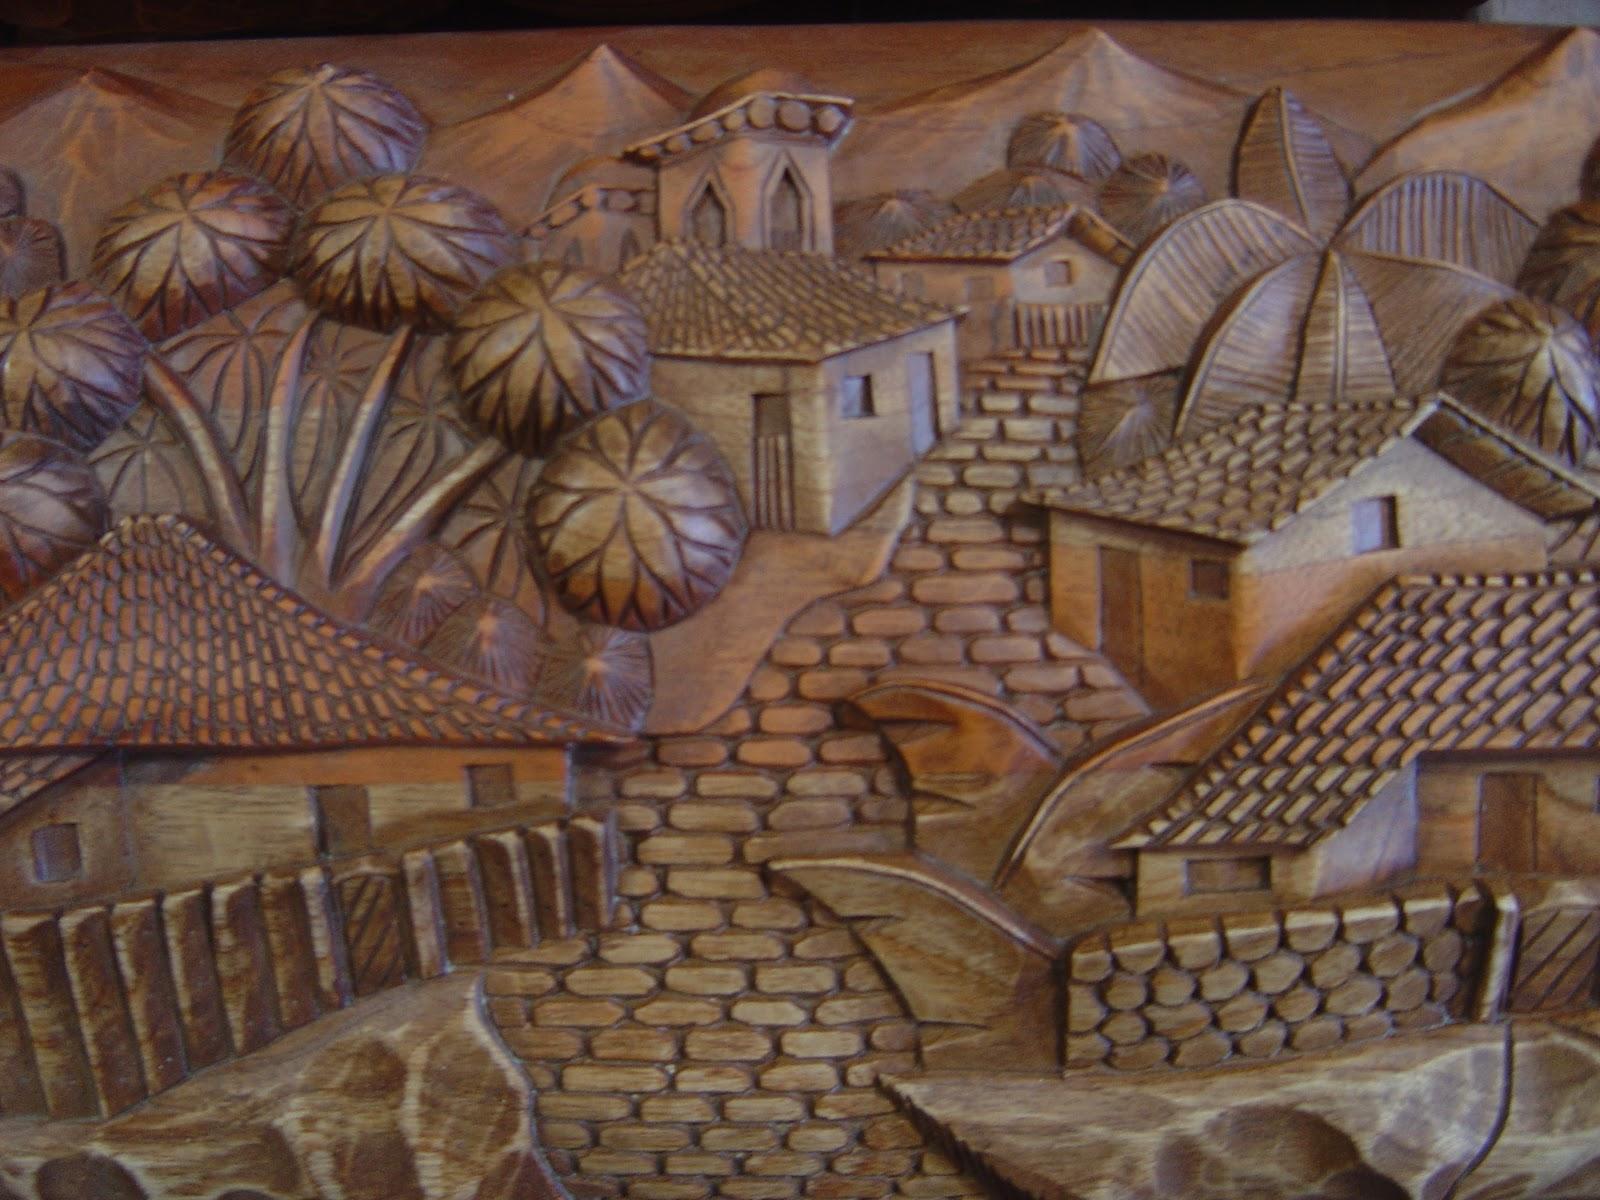 Valle de angeles bellas artesan as calidad a buen precio - Fotos de baules ...